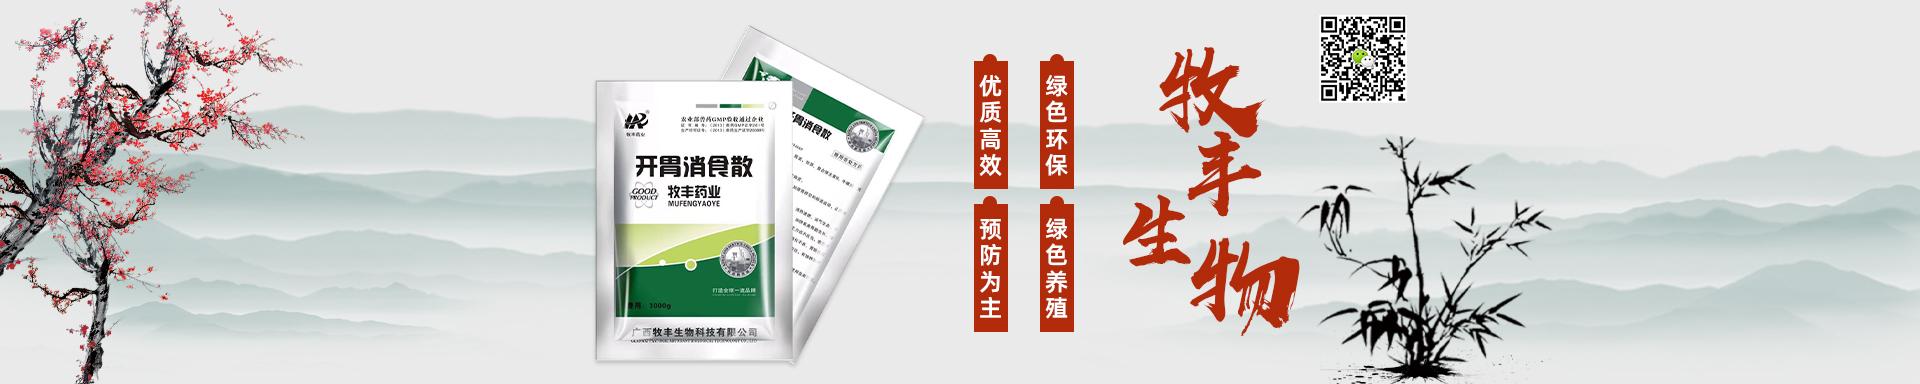 广西牧丰生物科技有限公司